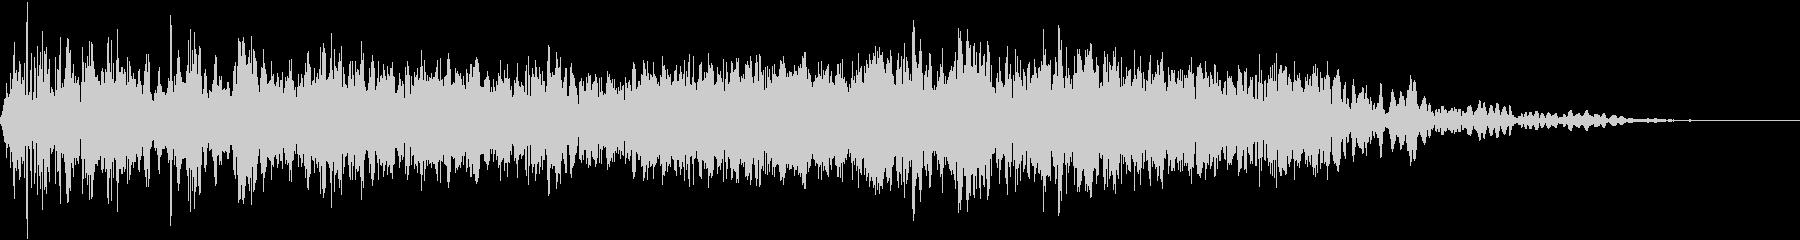 悲鳴のスワイプの未再生の波形